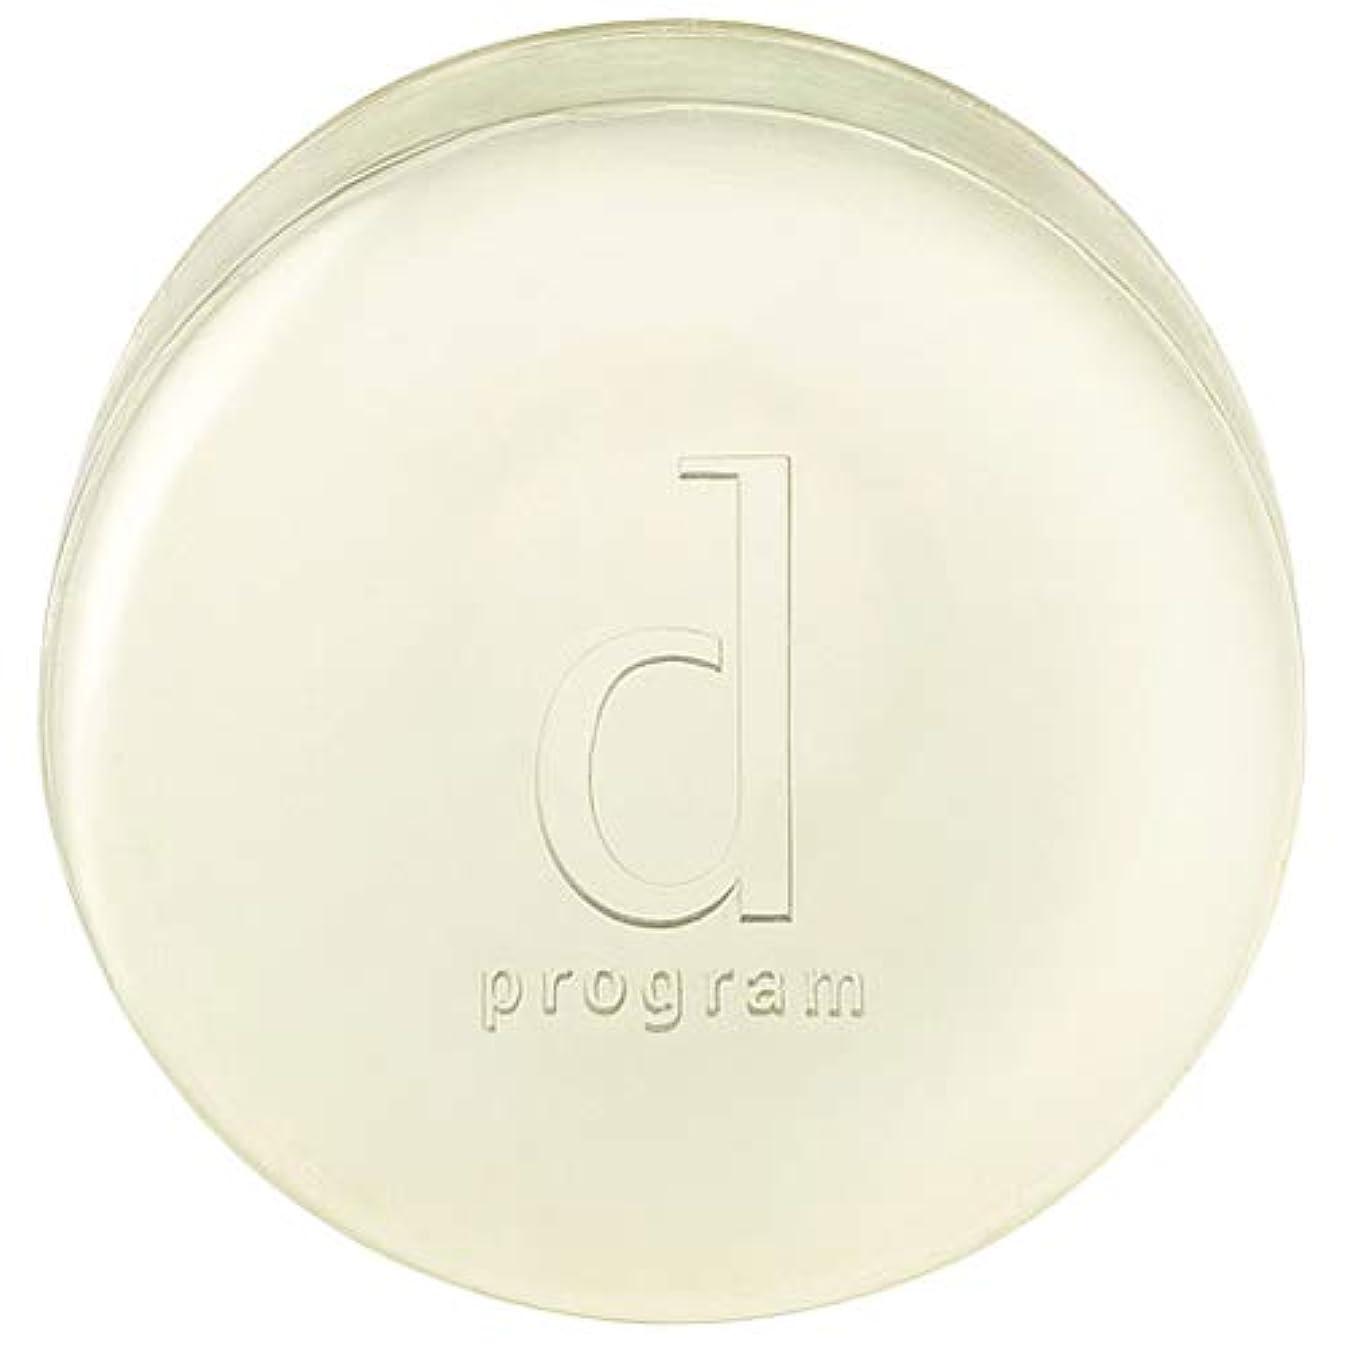 記憶に残るリーダーシップ診断するd program 資生堂 コンディショニングソープ 100g [366202] [並行輸入品]